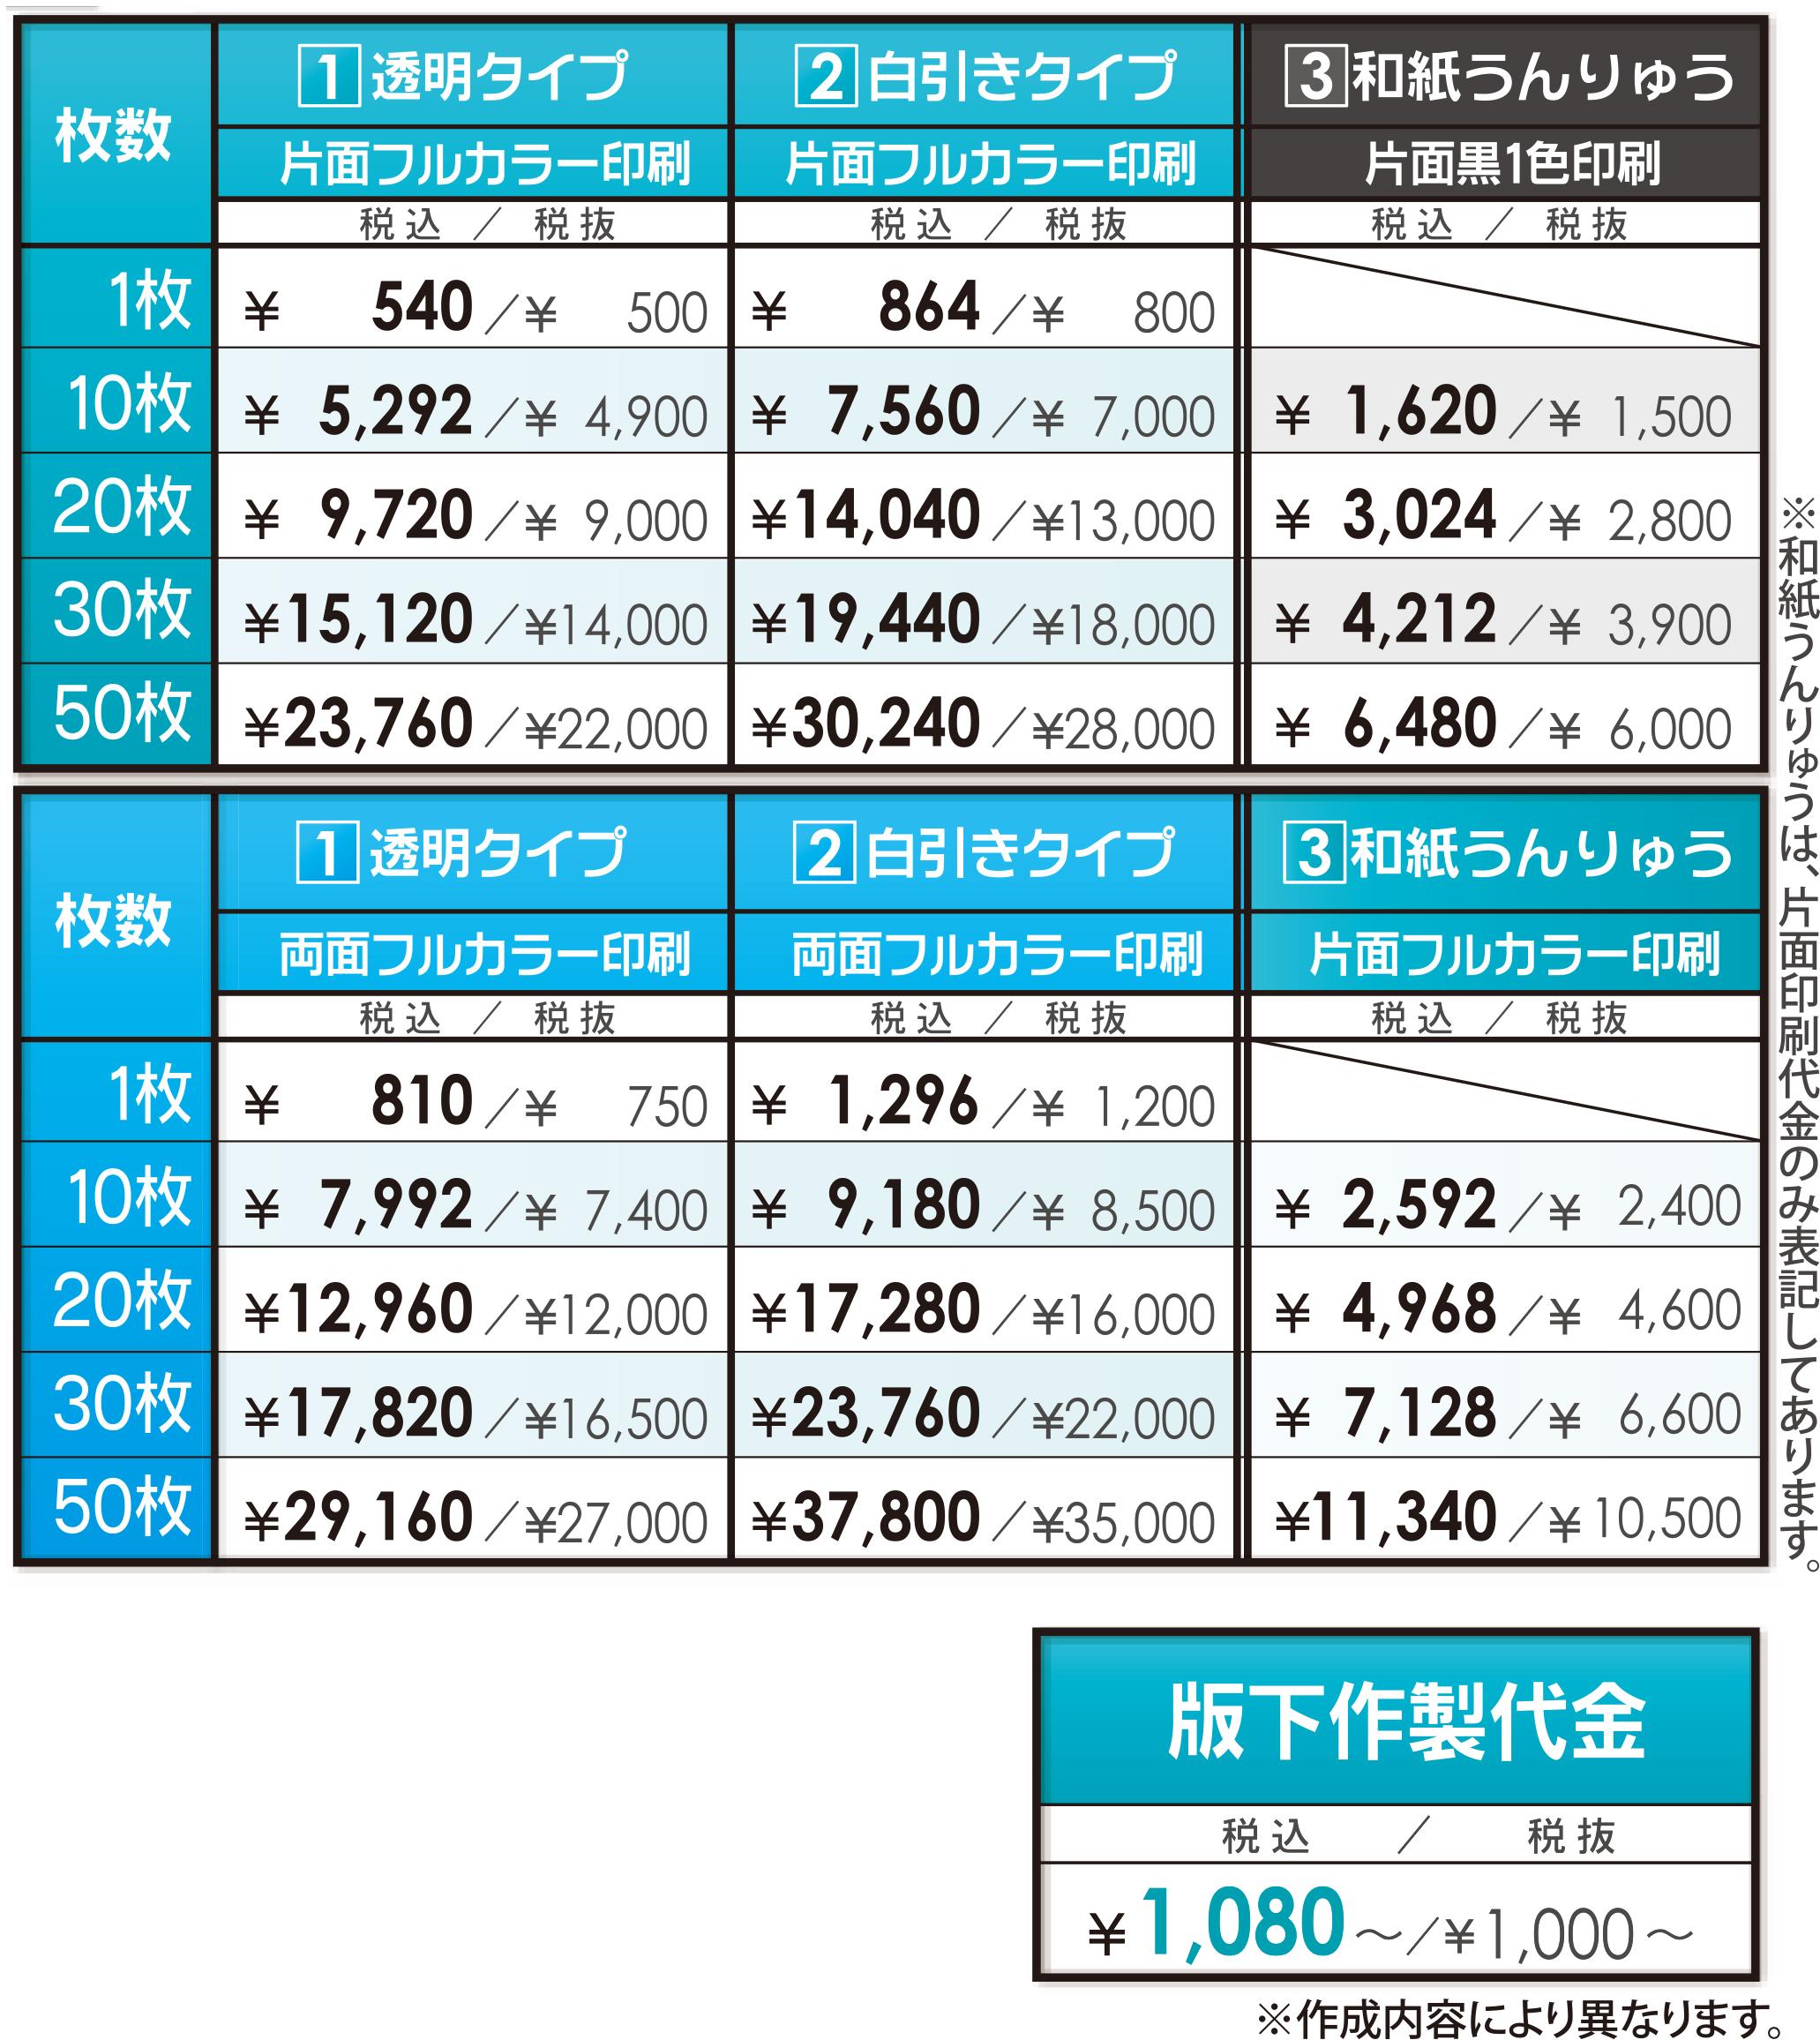 クリアホルダーの販売価格